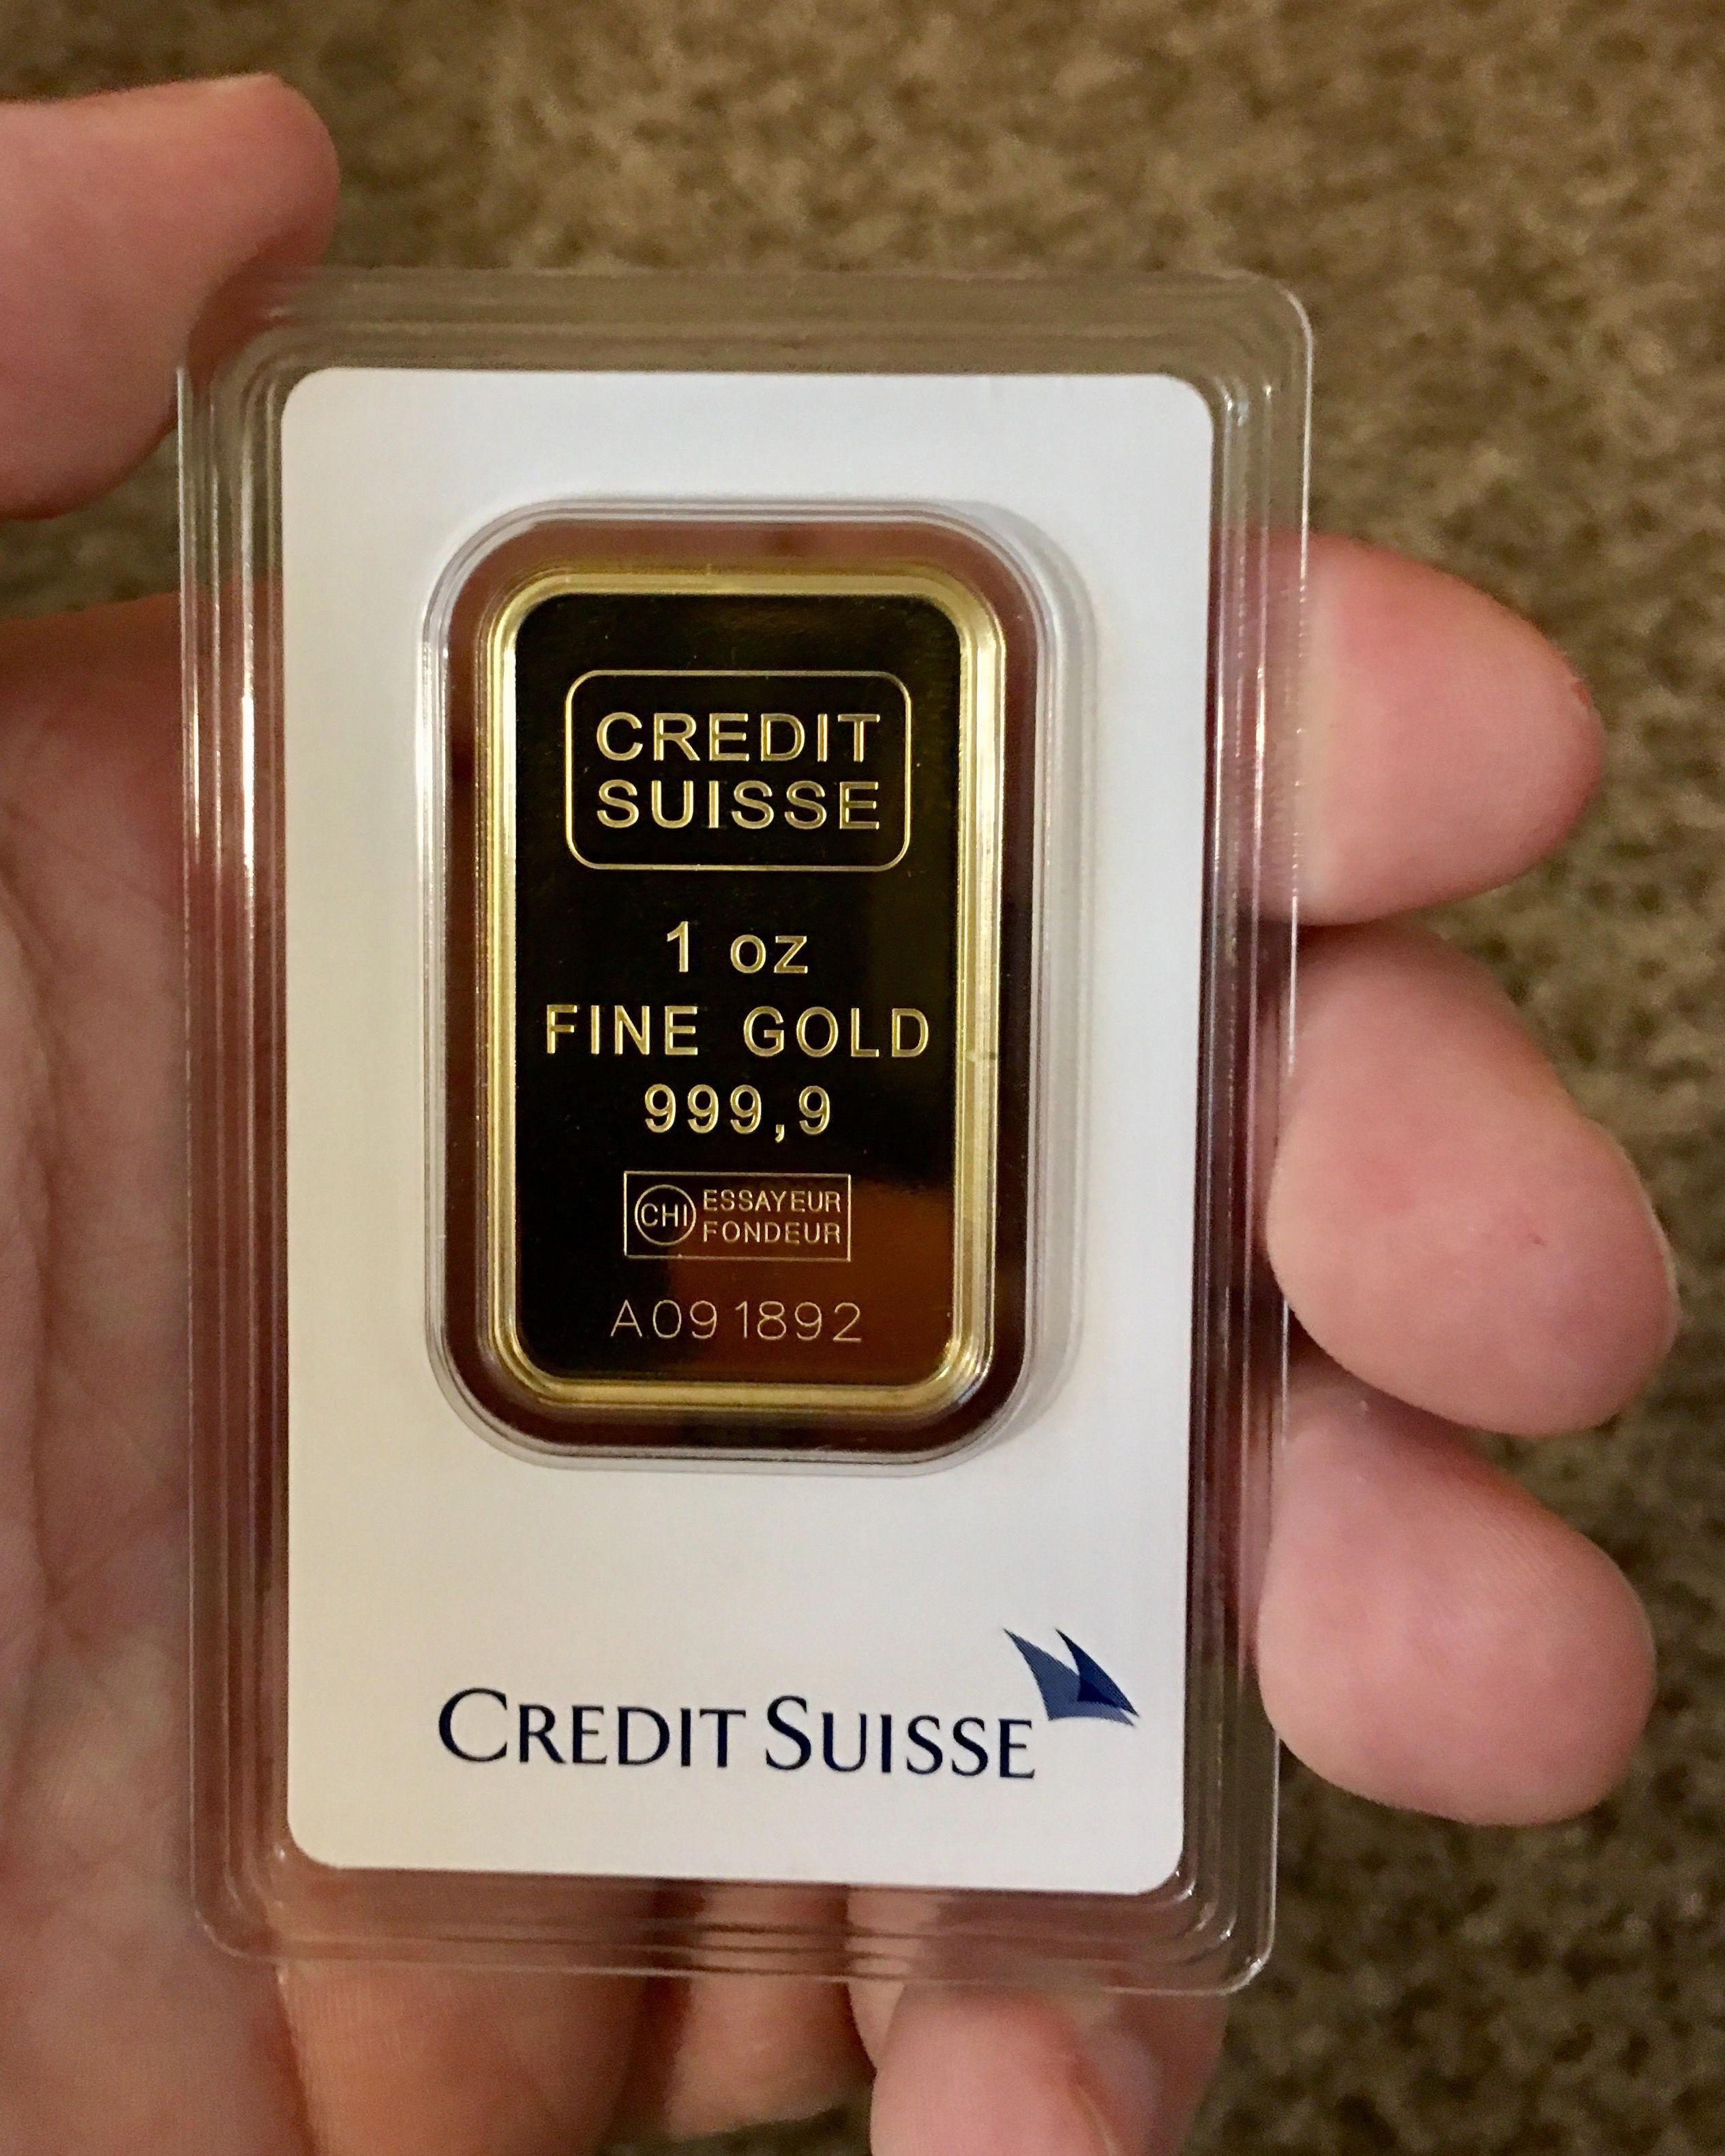 1 Oz Gold Credit Suisse Bar Goldinvesting Goldbullion Gold Bullion Coins Gold Bullion Bars Gold Money